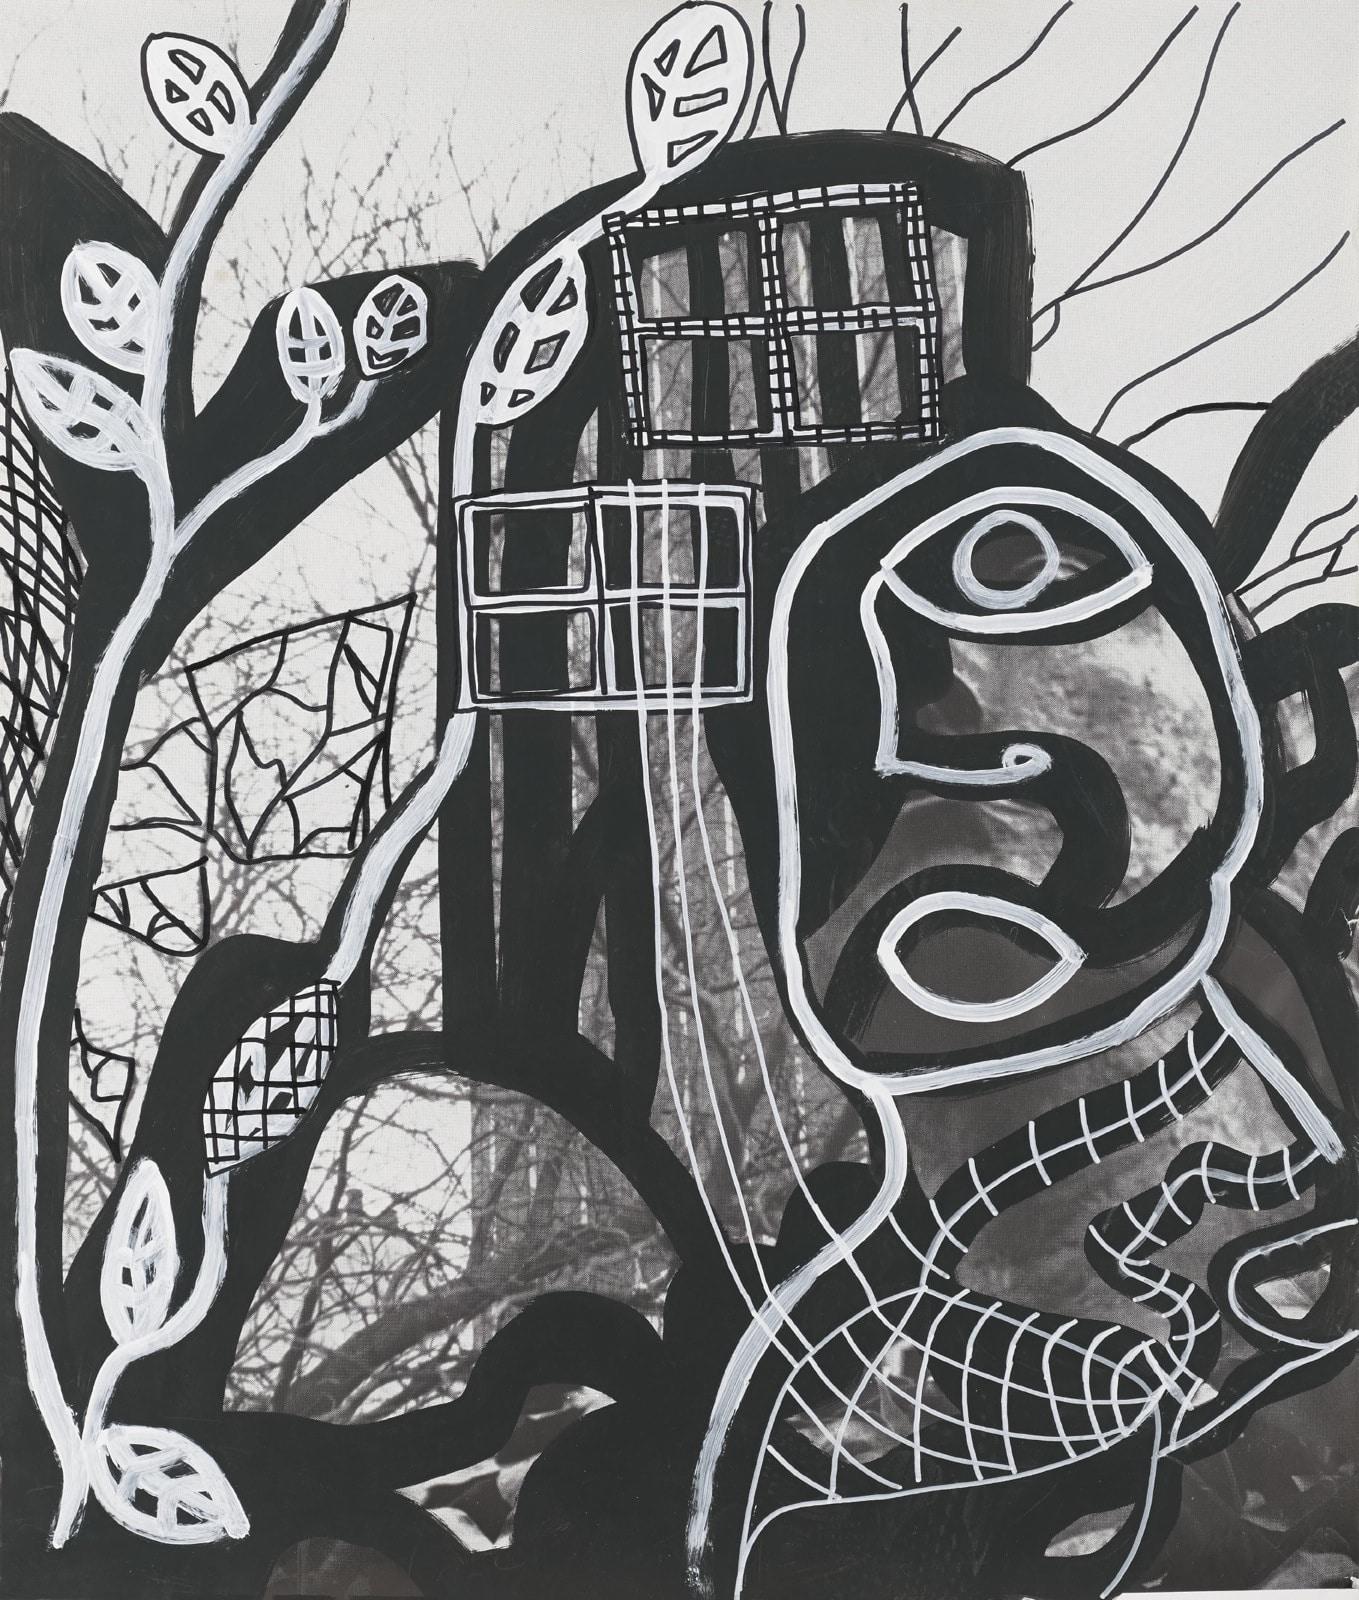 Dessin, Feutres sur fond noir : Vue de ville avec buste d'homme